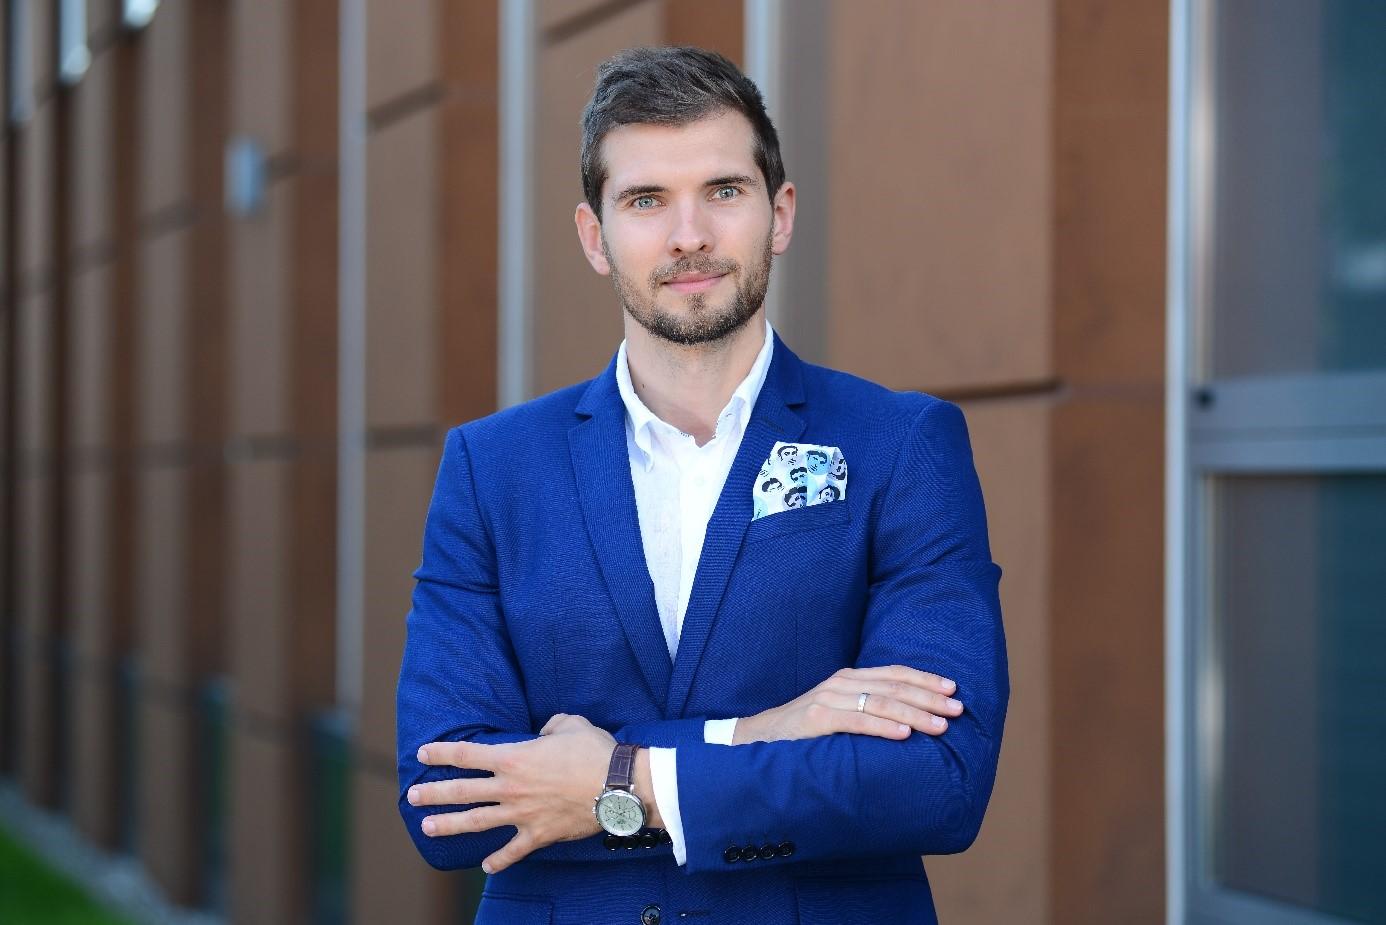 Dawid Suprynowicz